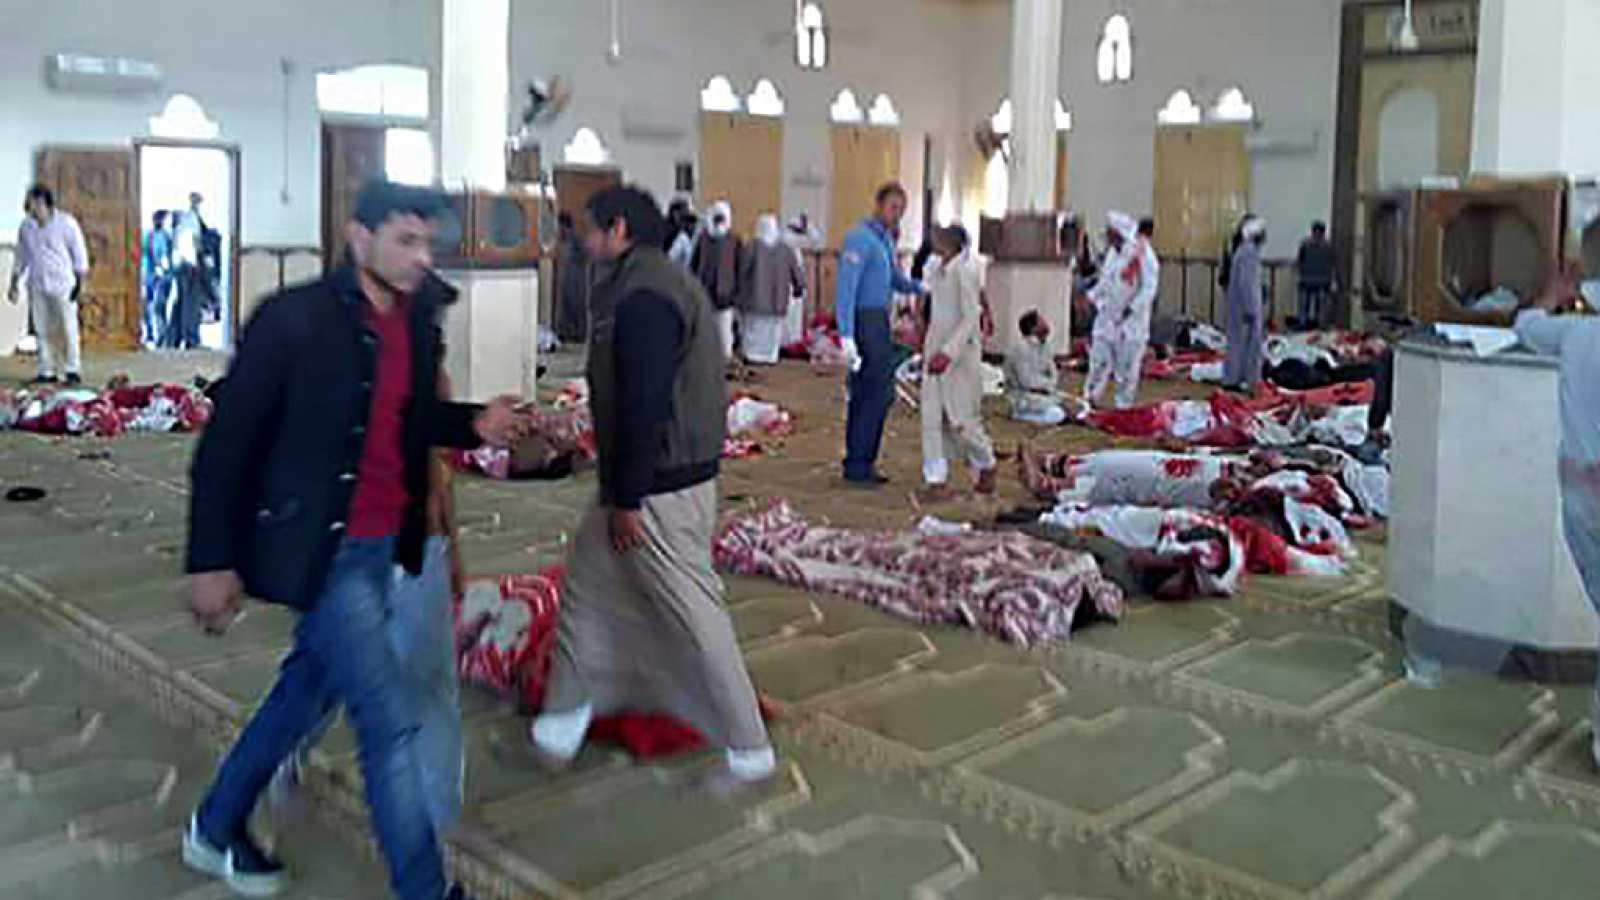 El atentado más sangriento en la historia moderna de Egipto deja al menos 235 muertos